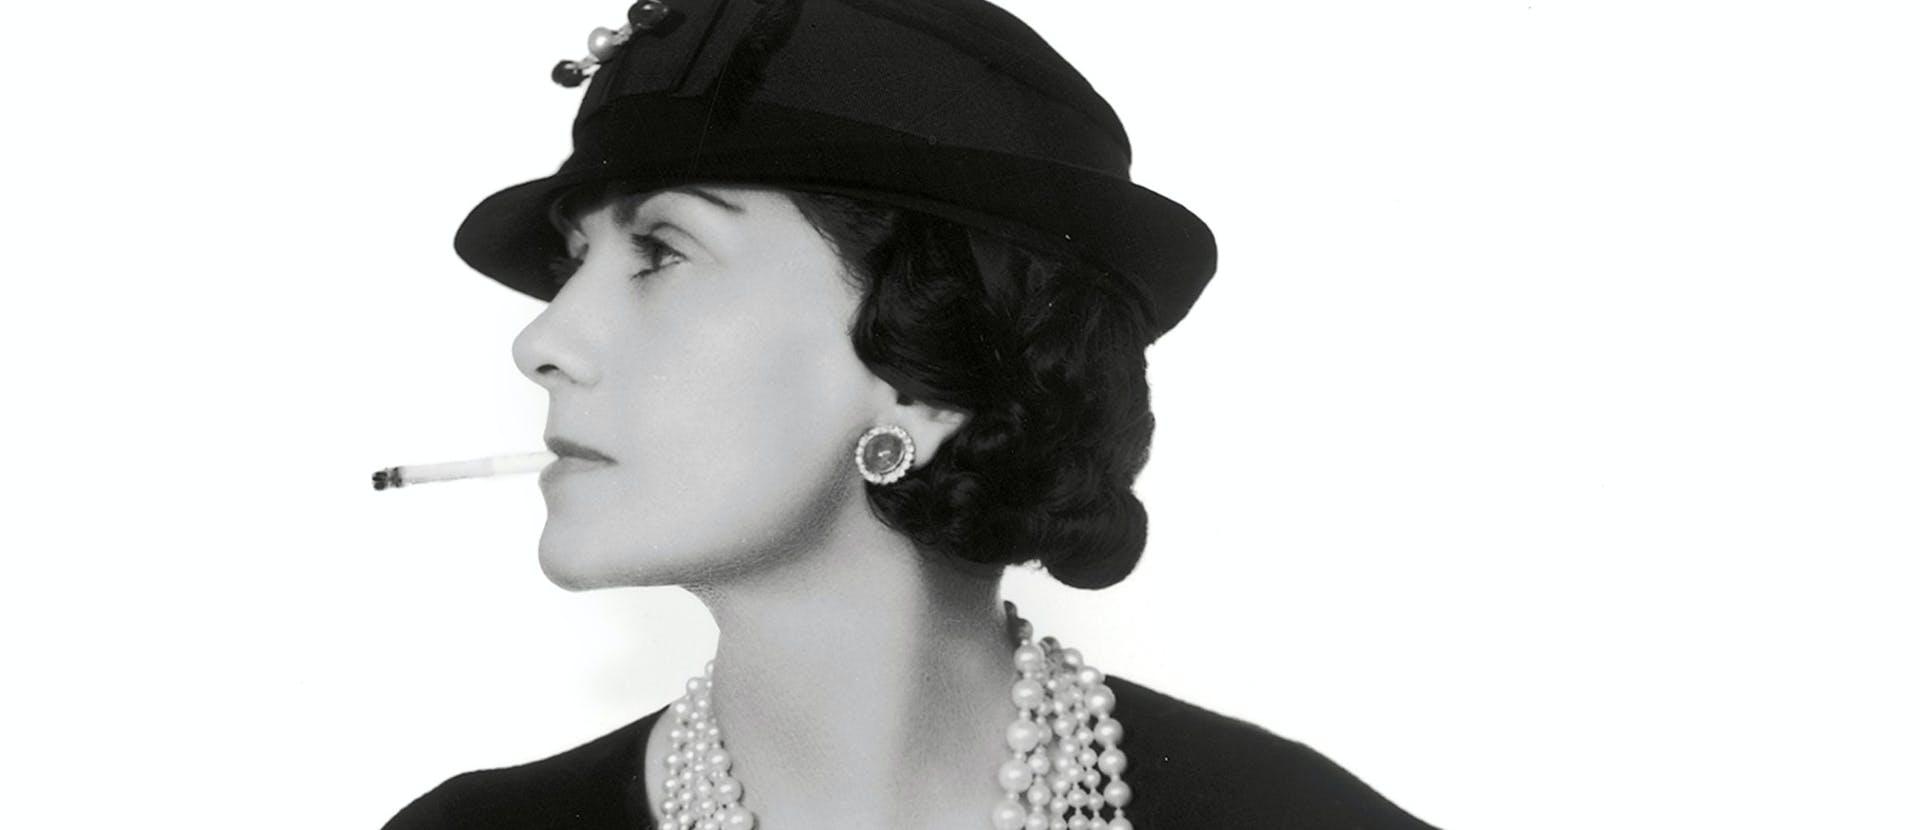 Il ritratto di Coco Chanel - lofficielitalia